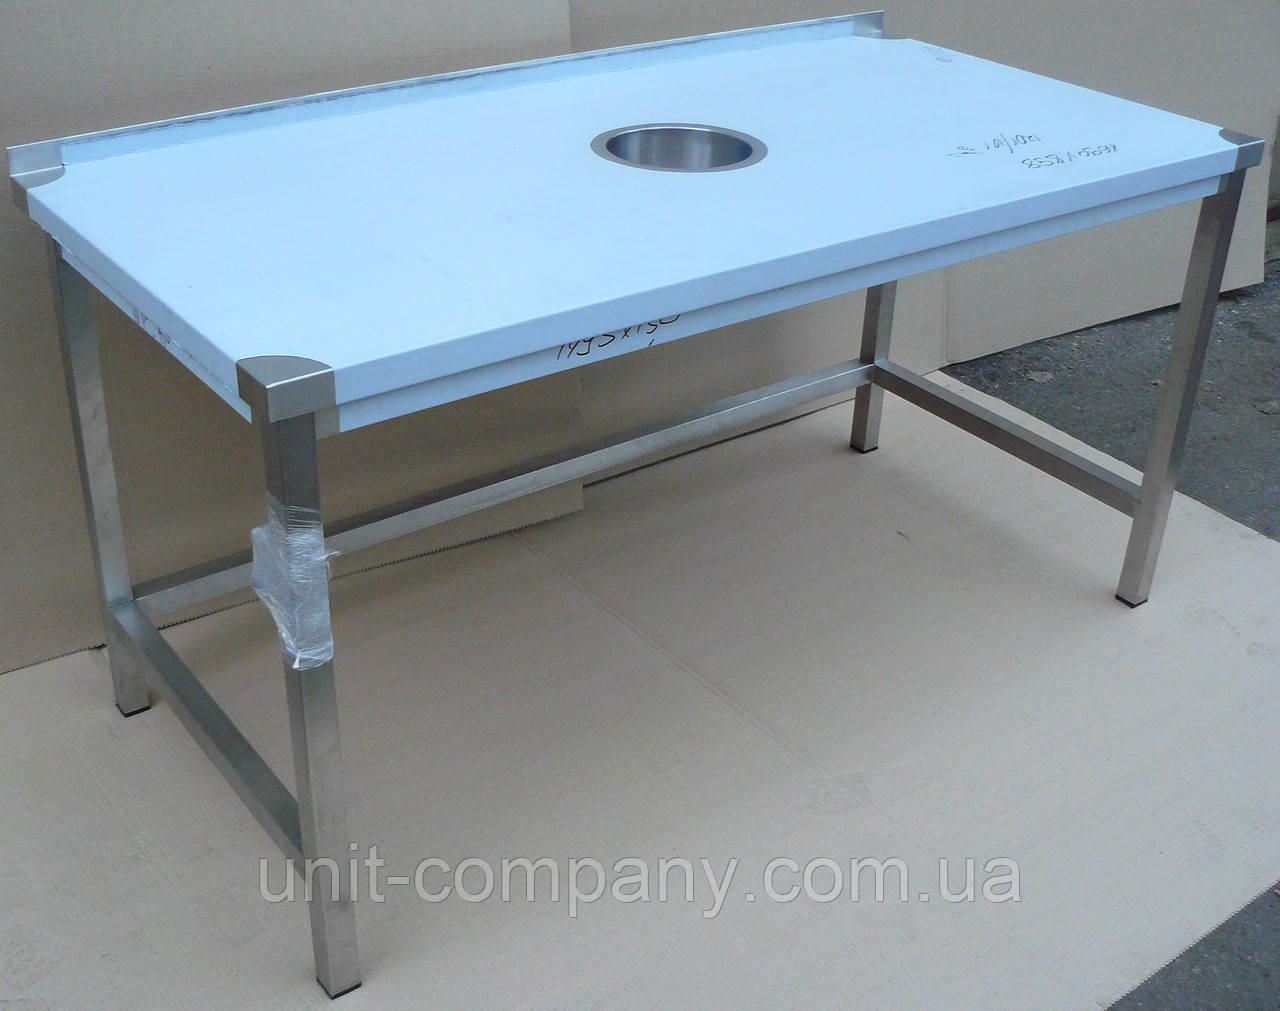 Стол из нержавеющей стали с воронкой для сбора отходов,  без полки